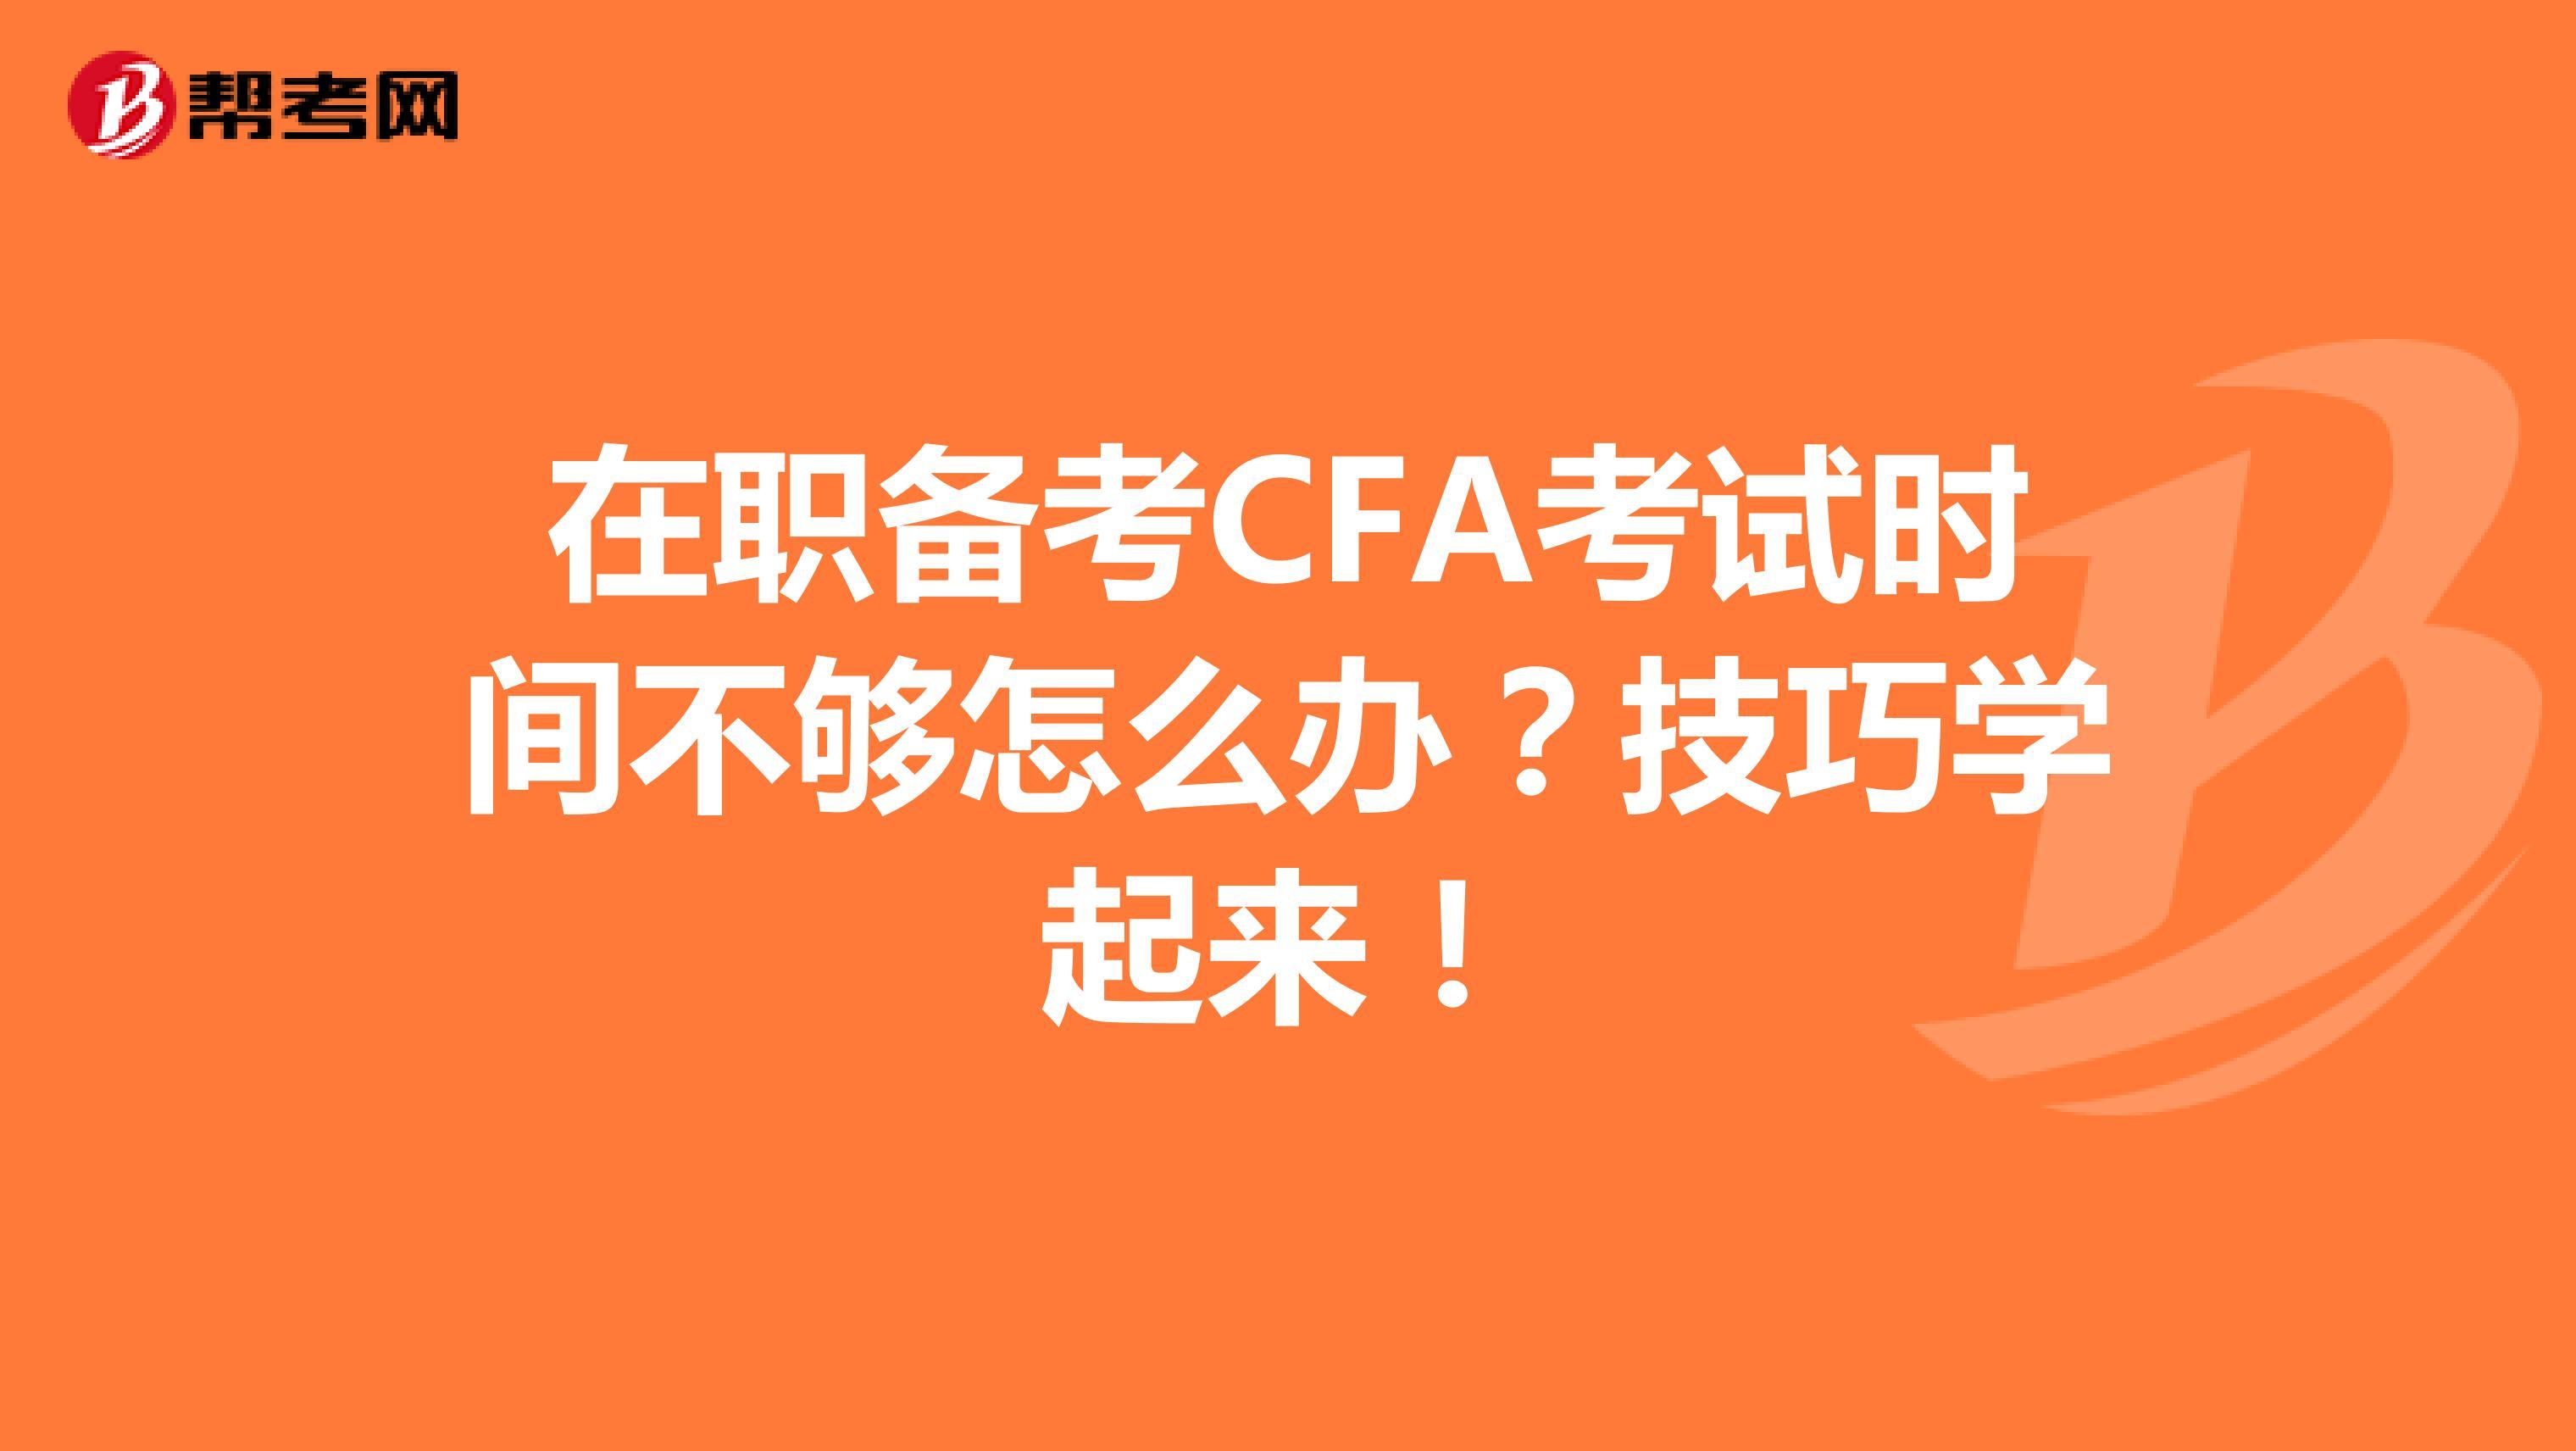 在职备考CFA考试时间不够怎么办?技巧学起来!